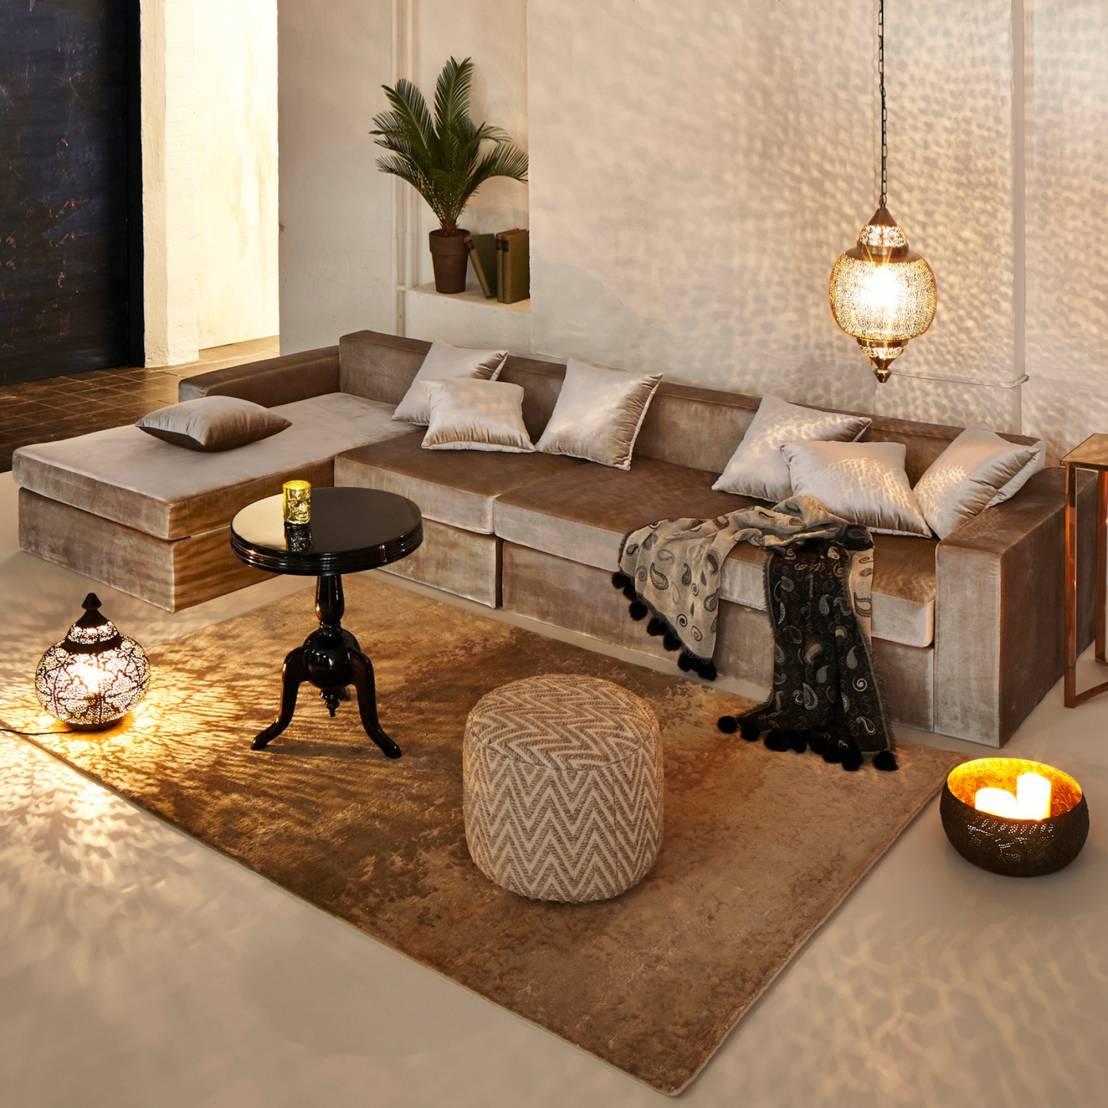 Die perfekte Wohnzimmer Deko zum Wohlfühlen